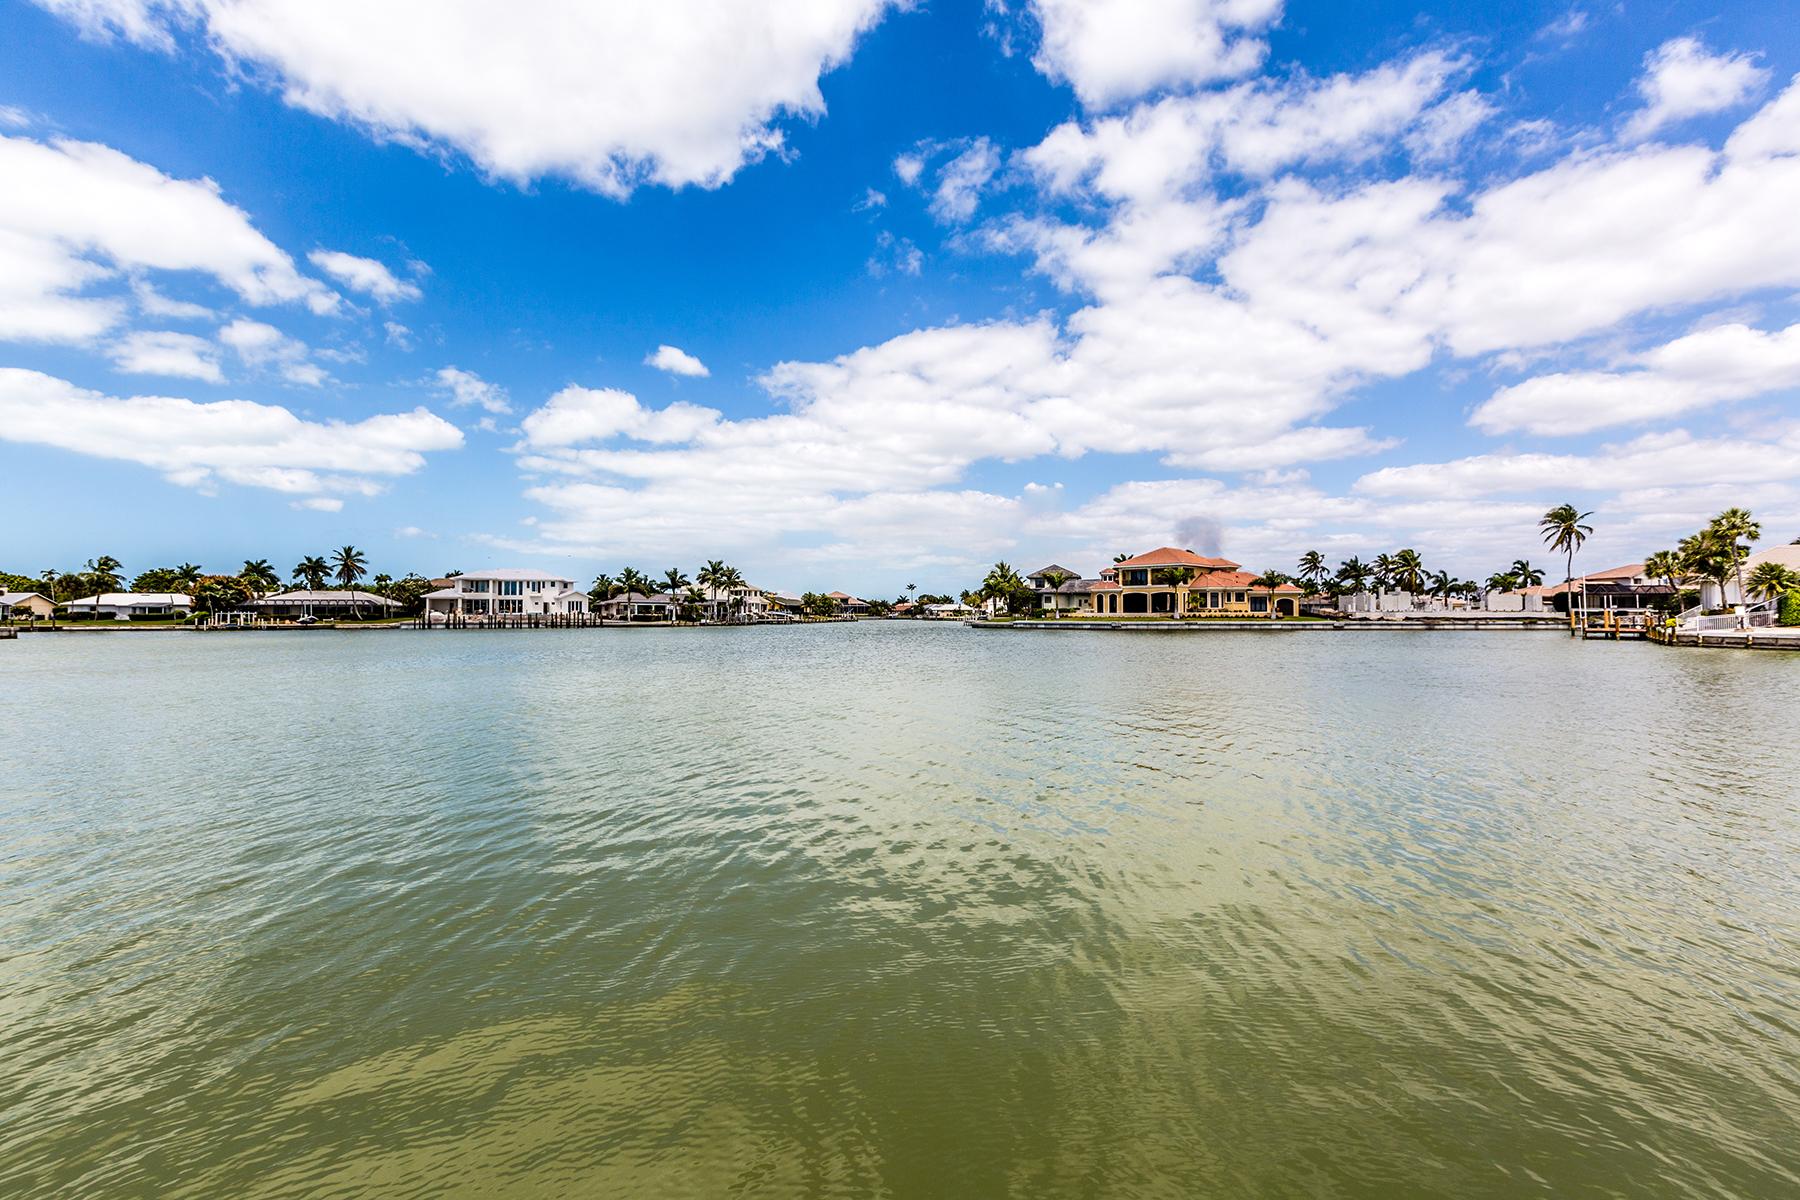 Terreno per Vendita alle ore MARCO ISLAND - TARPON COURT 490 Tarpon Ct Marco Island, Florida, 34145 Stati Uniti